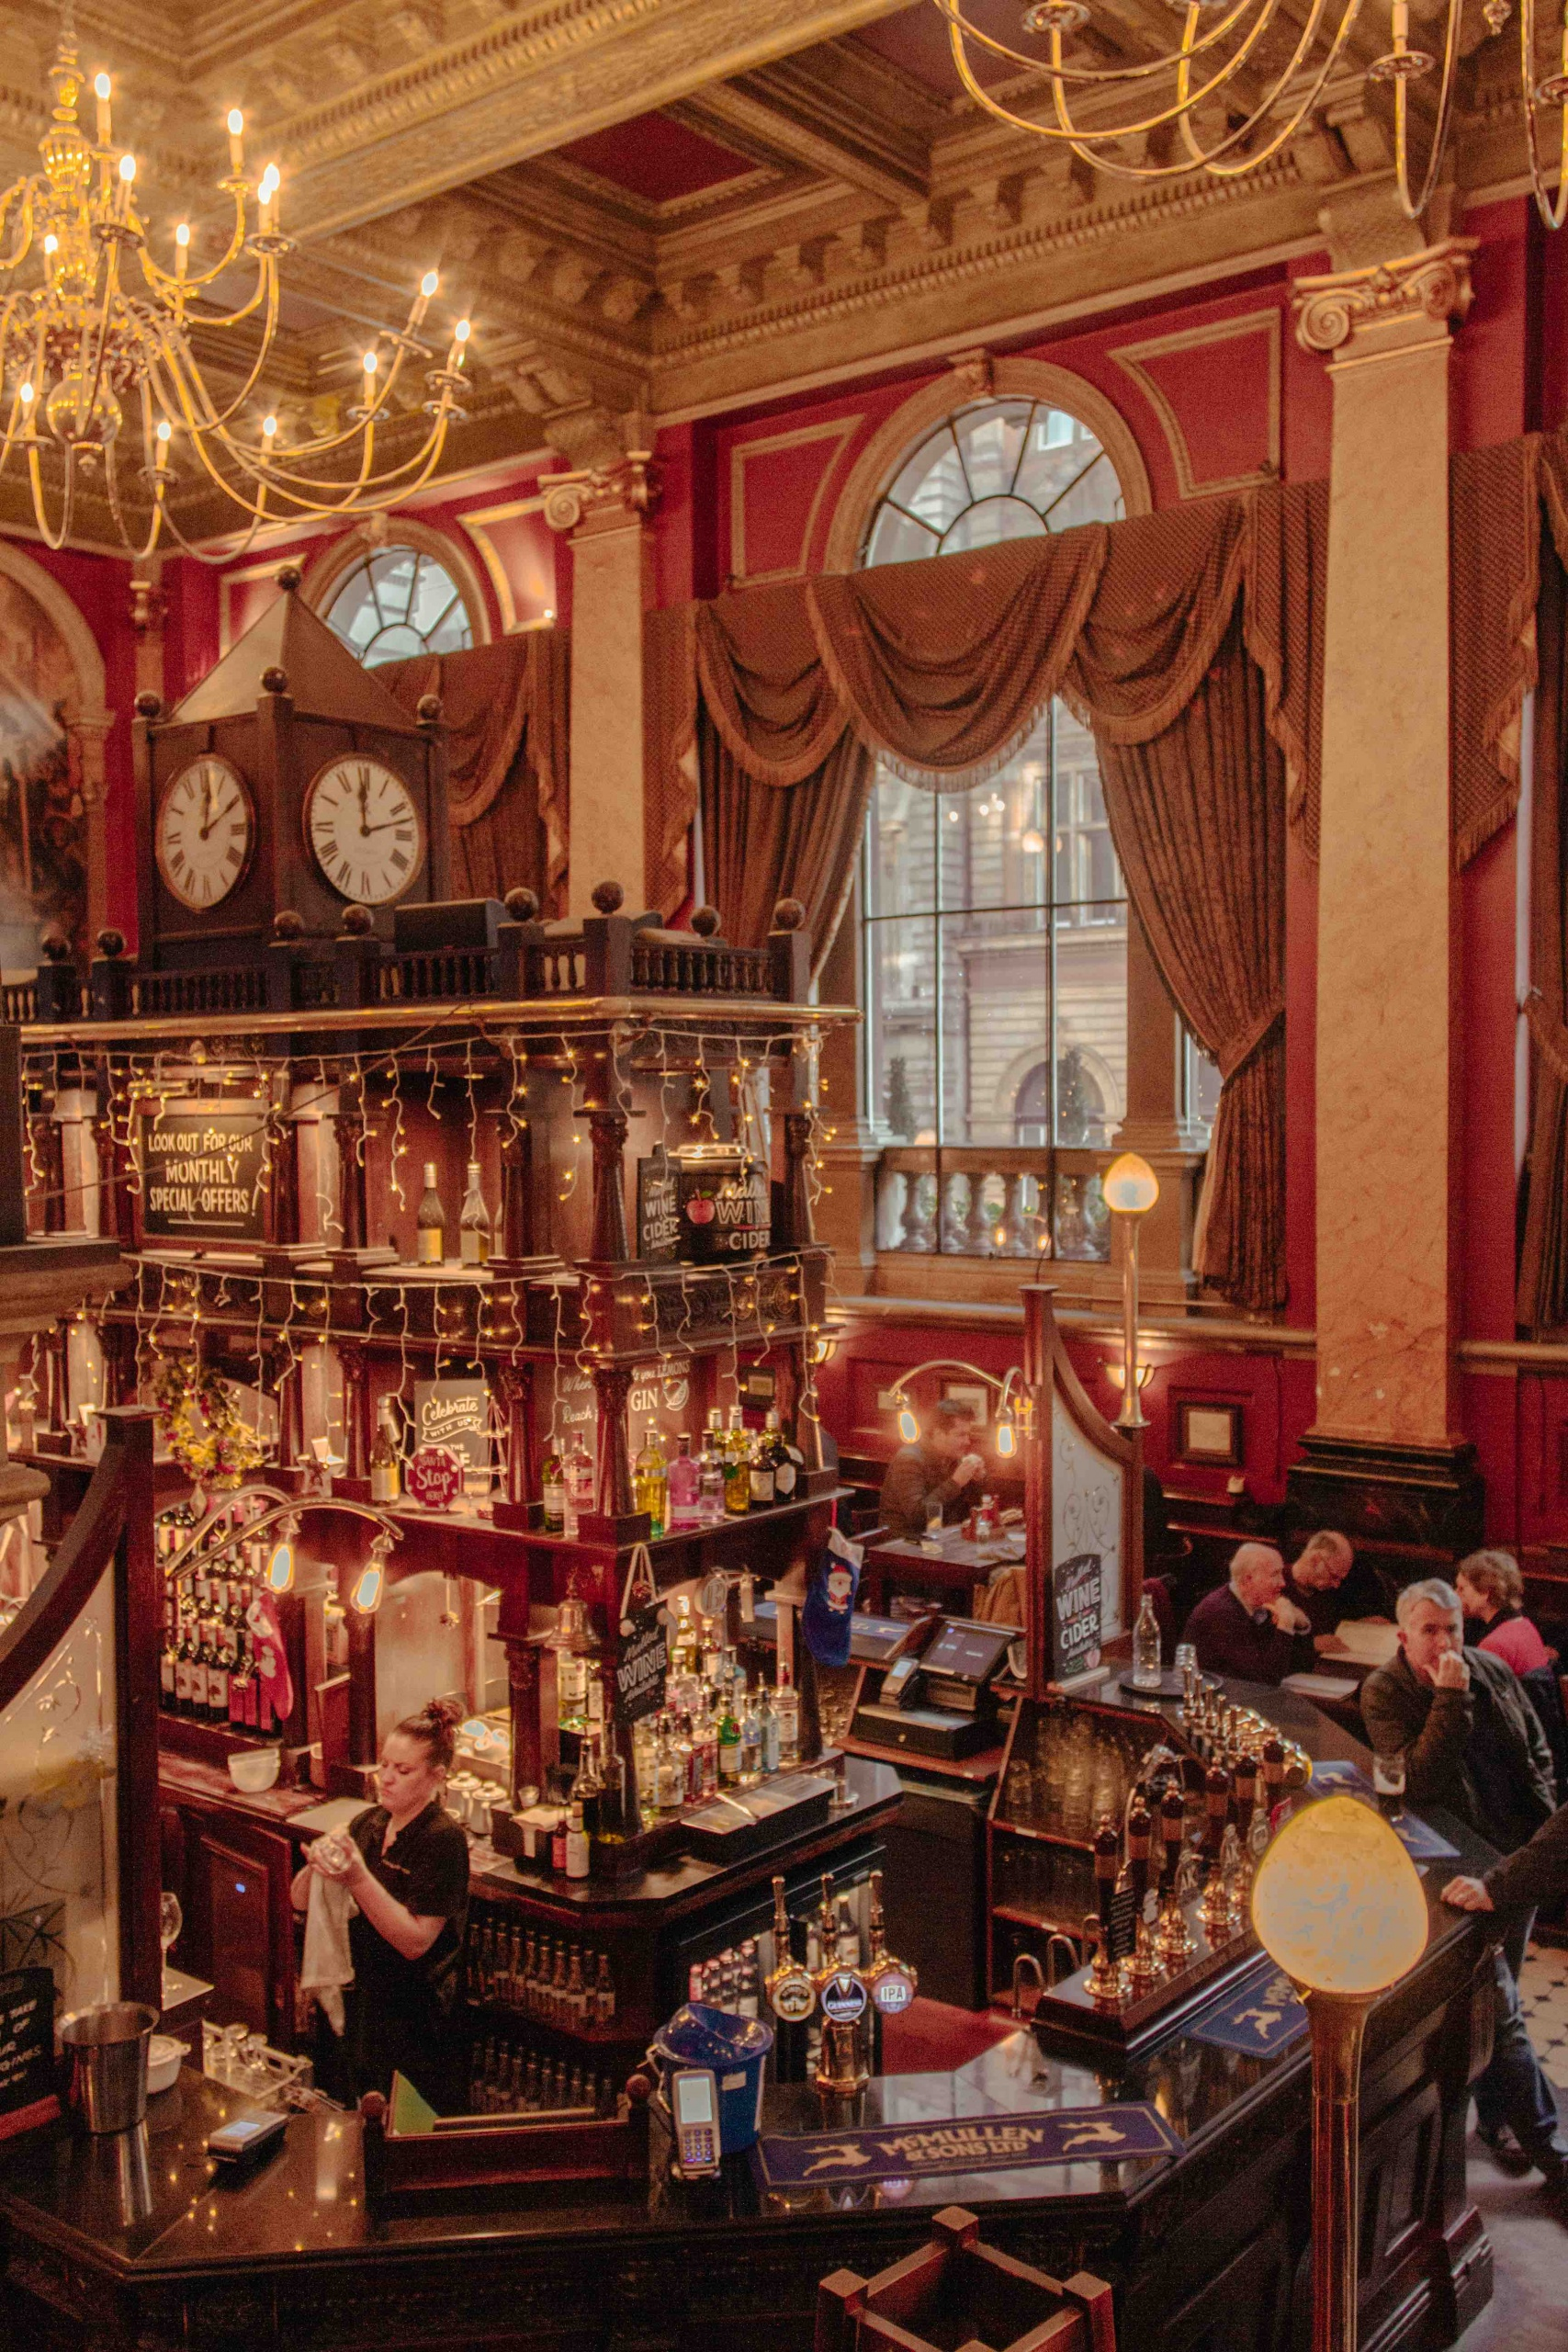 luoghi poco conosciuti di Londra: interno di pub con luci e grandi finestre